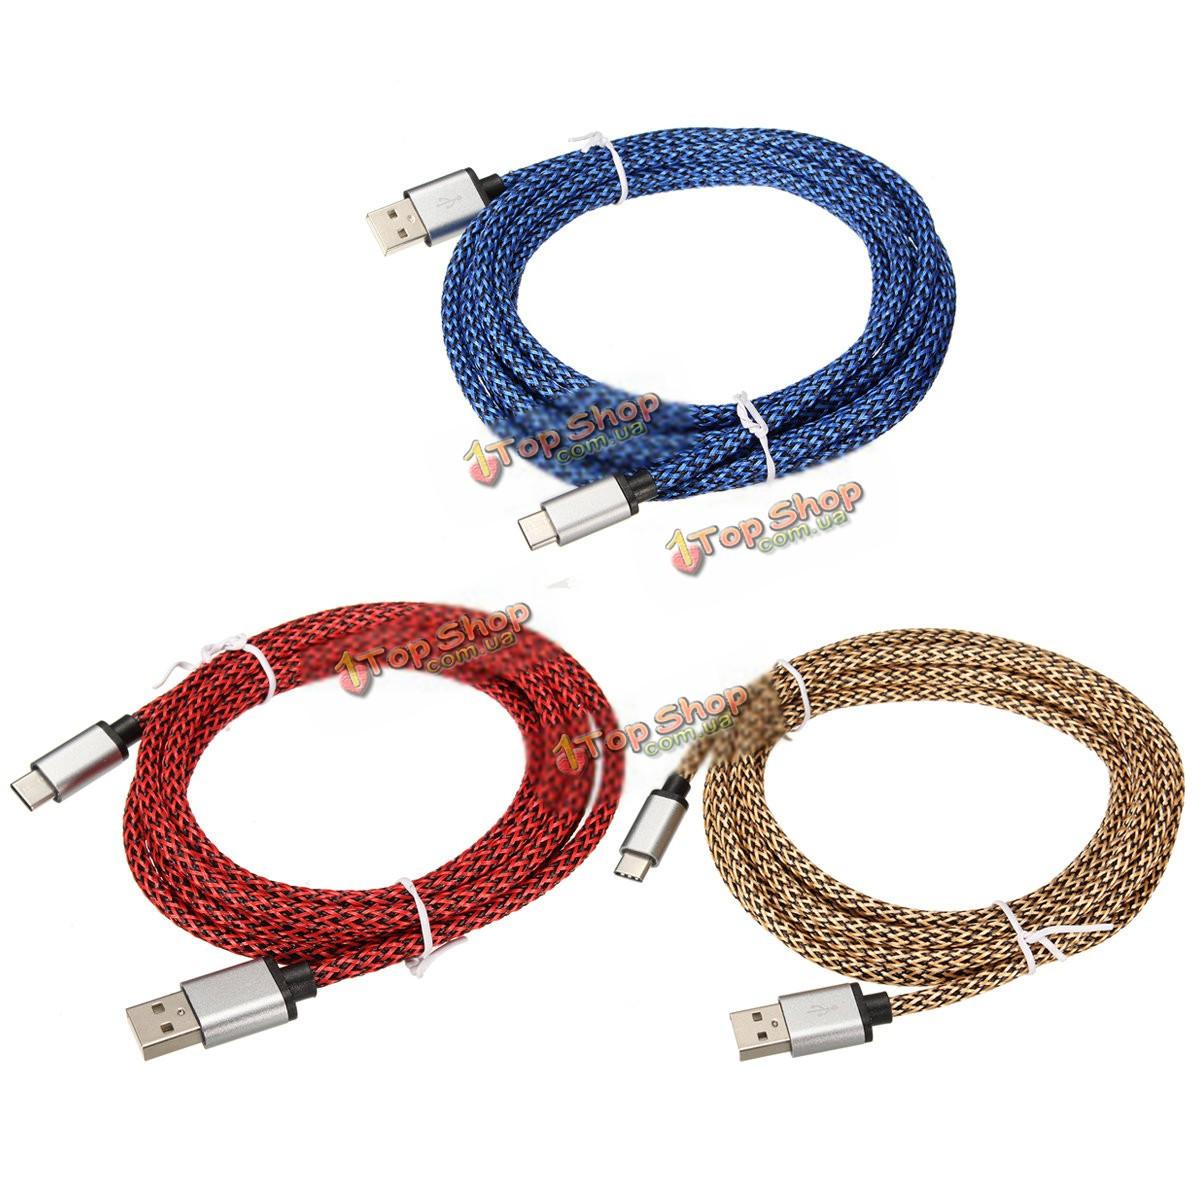 USB 3.1 Тип зарядного устройства данные с оплеткой провода 3м 9.9ft кабель для мобильного телефона ПК Tablet MacBook